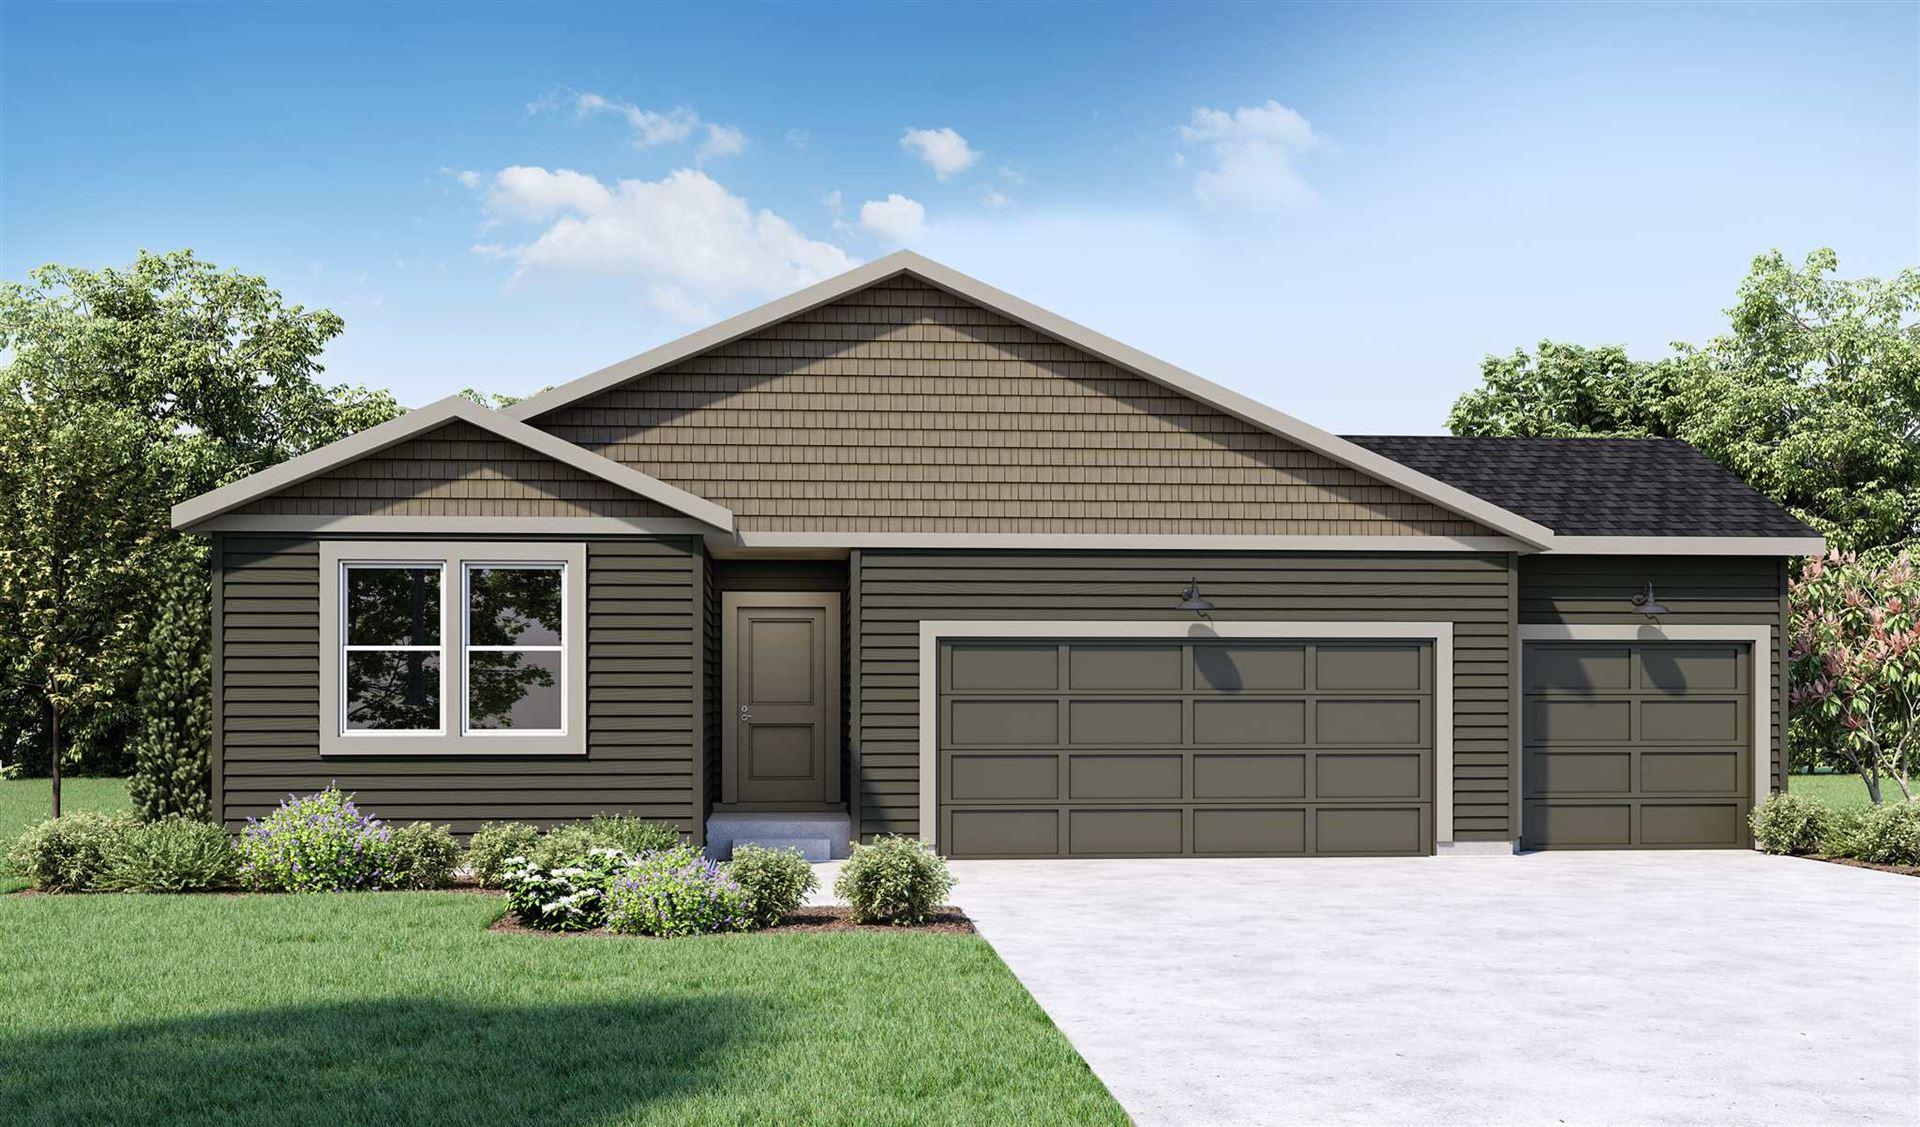 3217 N McKinnon Rd, Spokane, WA 99217 - #: 202112770